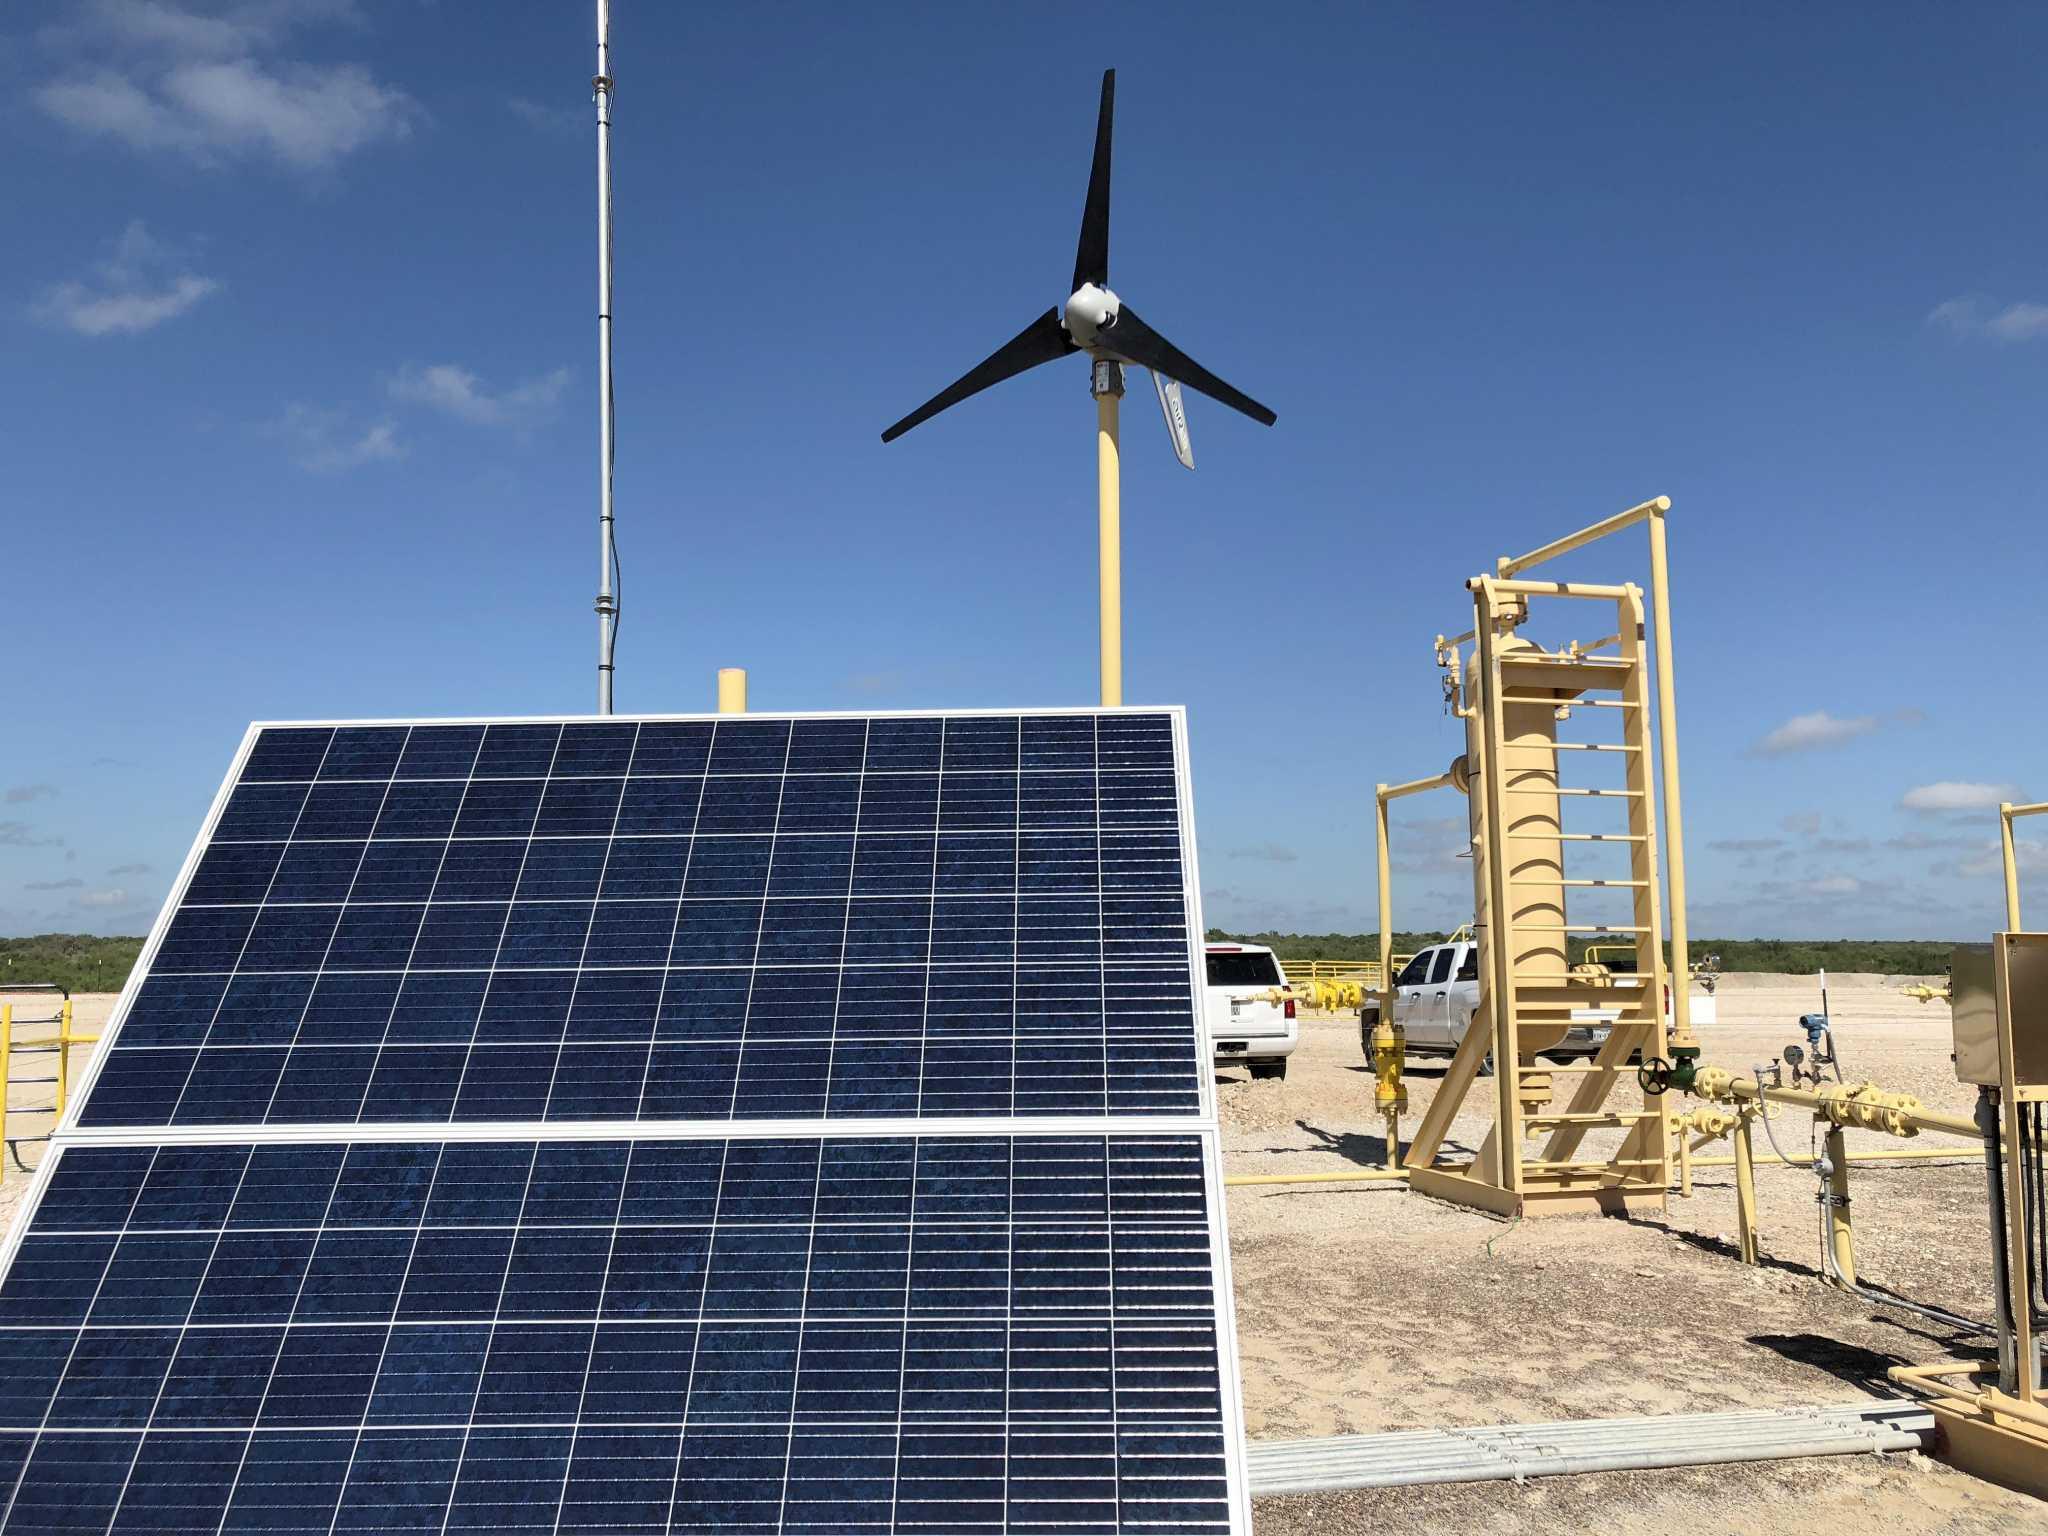 Solar, wind find new market in oil fields